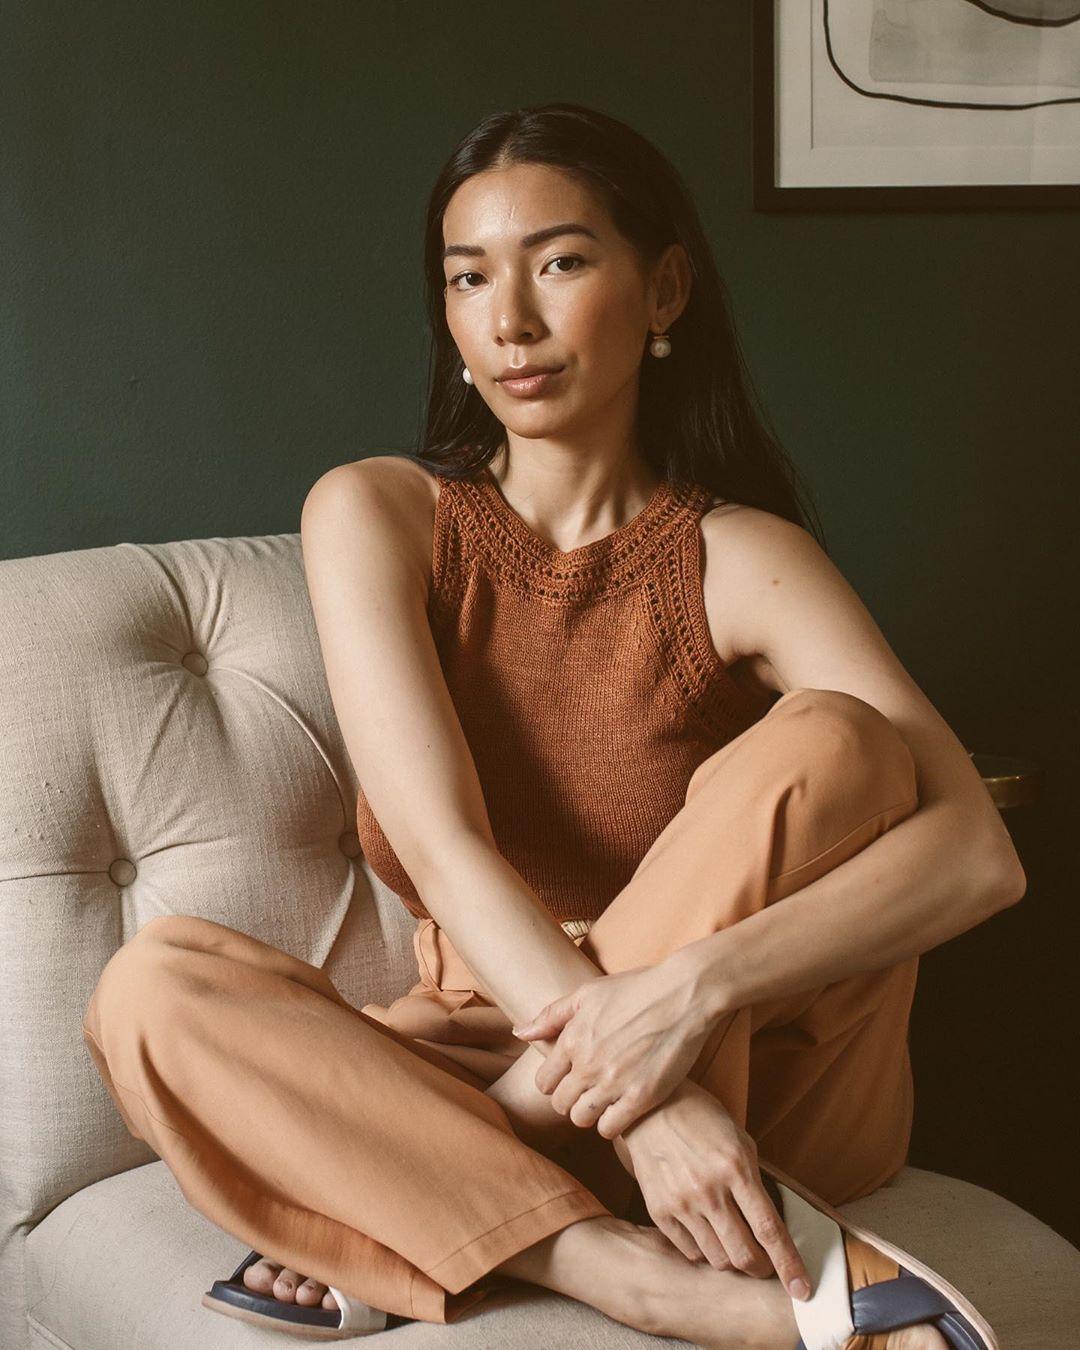 trang phục monochrome đơn sắc màu be án đan móc quần vải